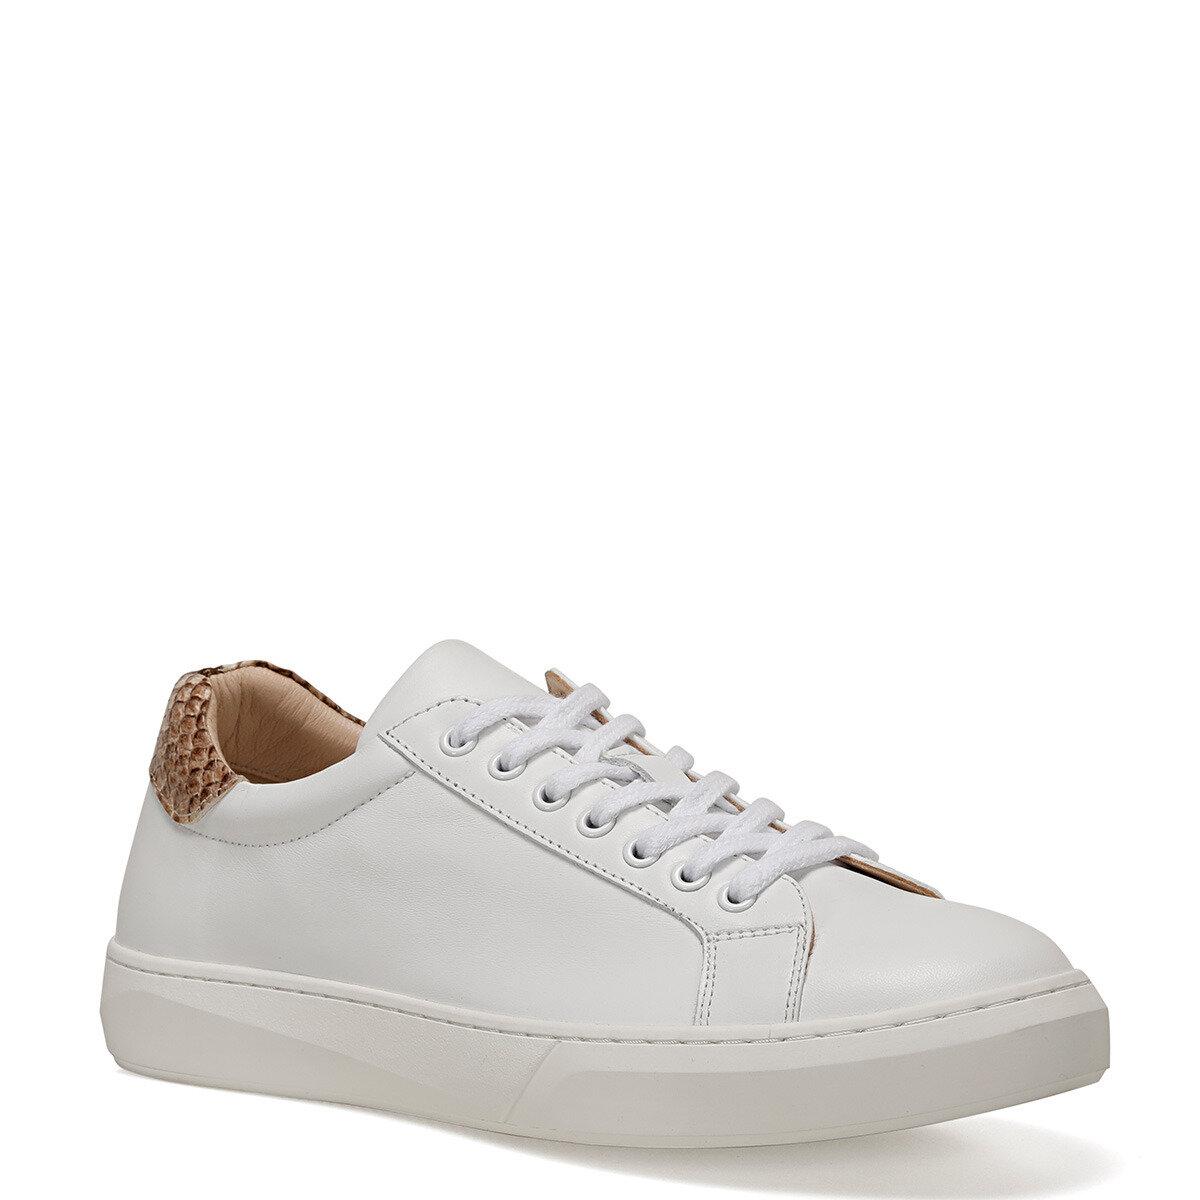 DARLA Beyaz Kadın Spor Ayakkabı